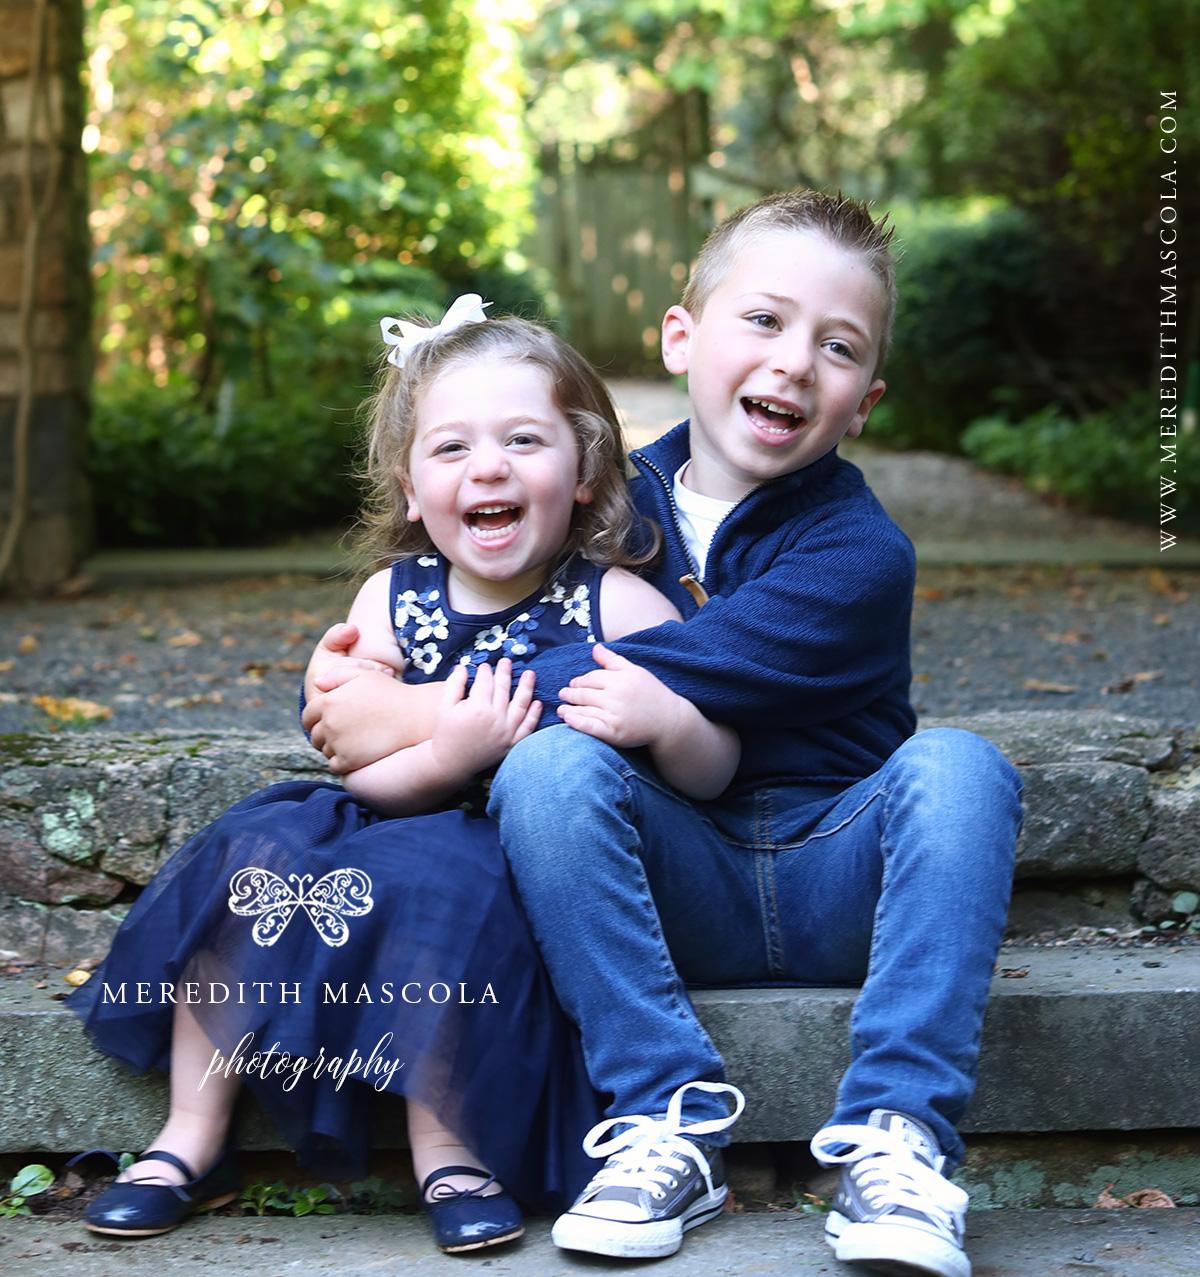 newjerseyfamilyphotographer90.jpg